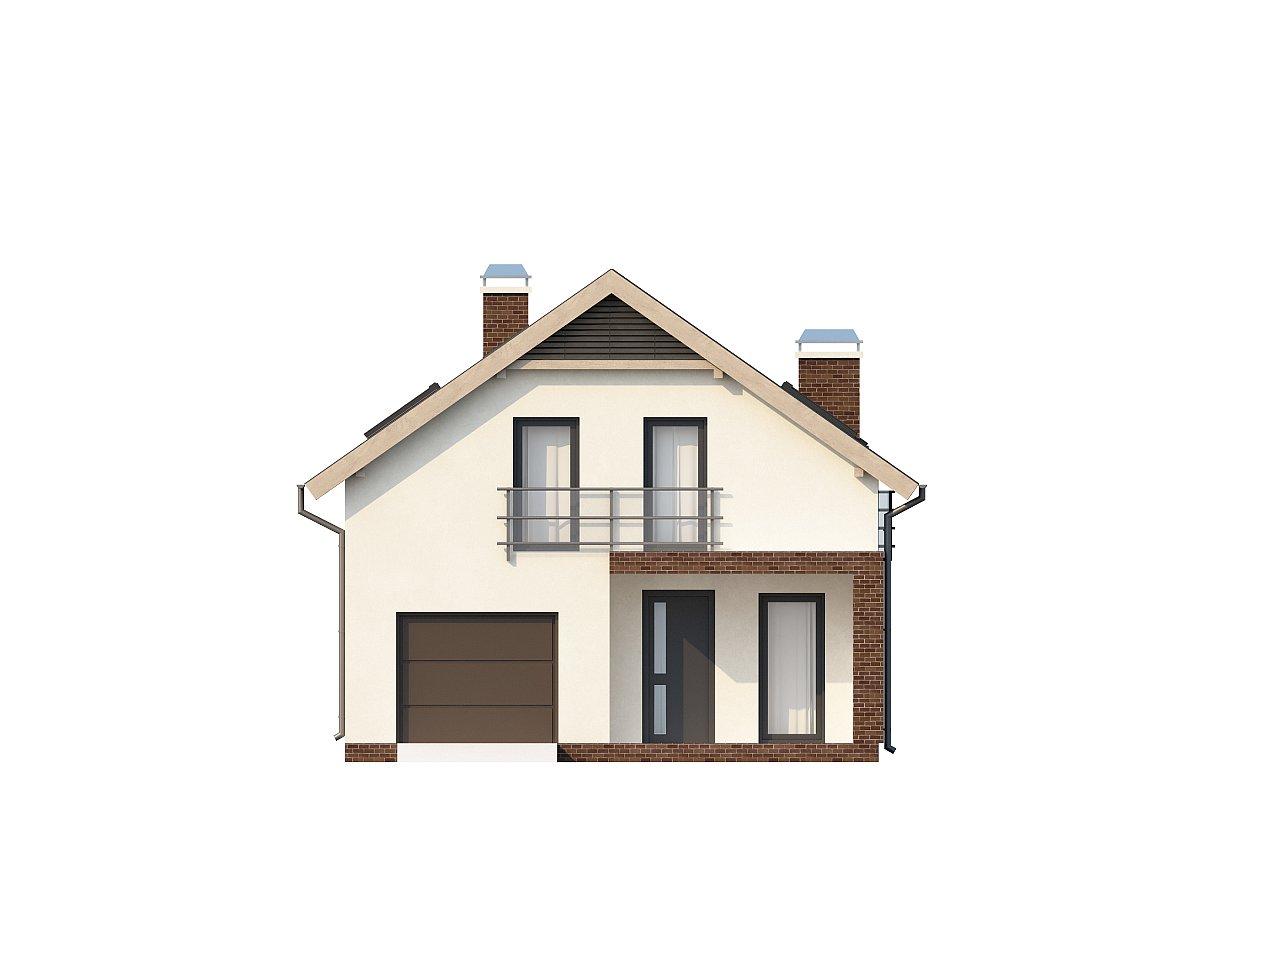 Дом в традиционном стиле с мансардой, со встроенным гаражом, подходящий для узкого участка. 3